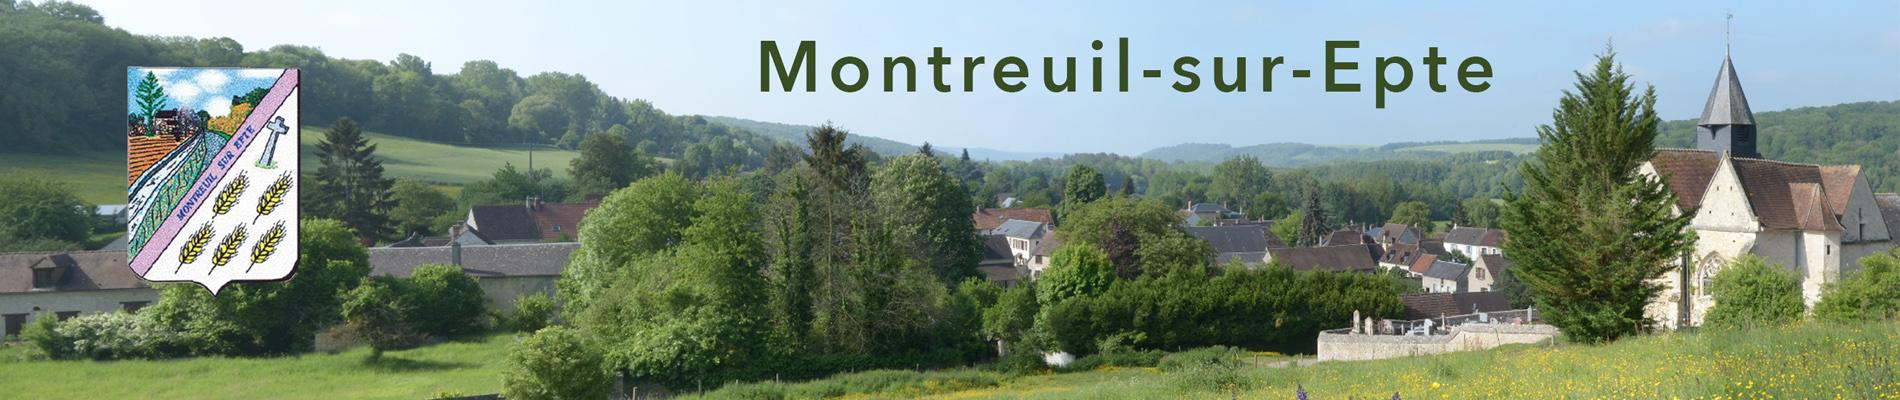 *Montreuil-sur-Epte Val d'Oise